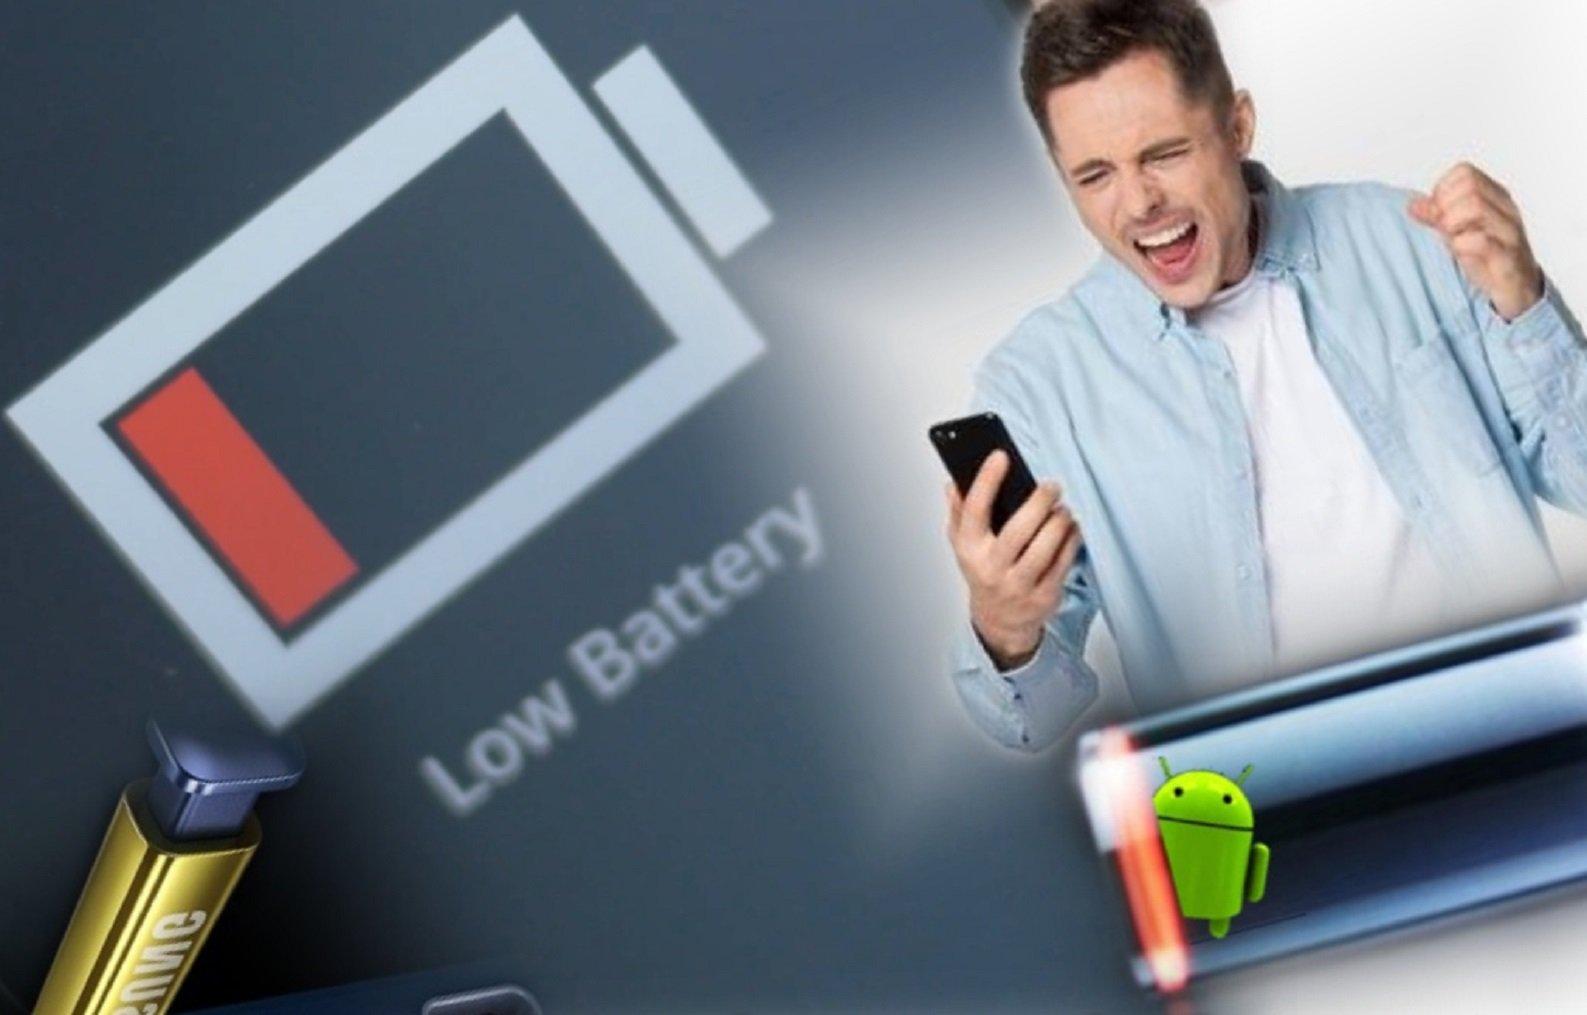 Новый Самсунг Galaxy Note10 показали нарекламных изображениях